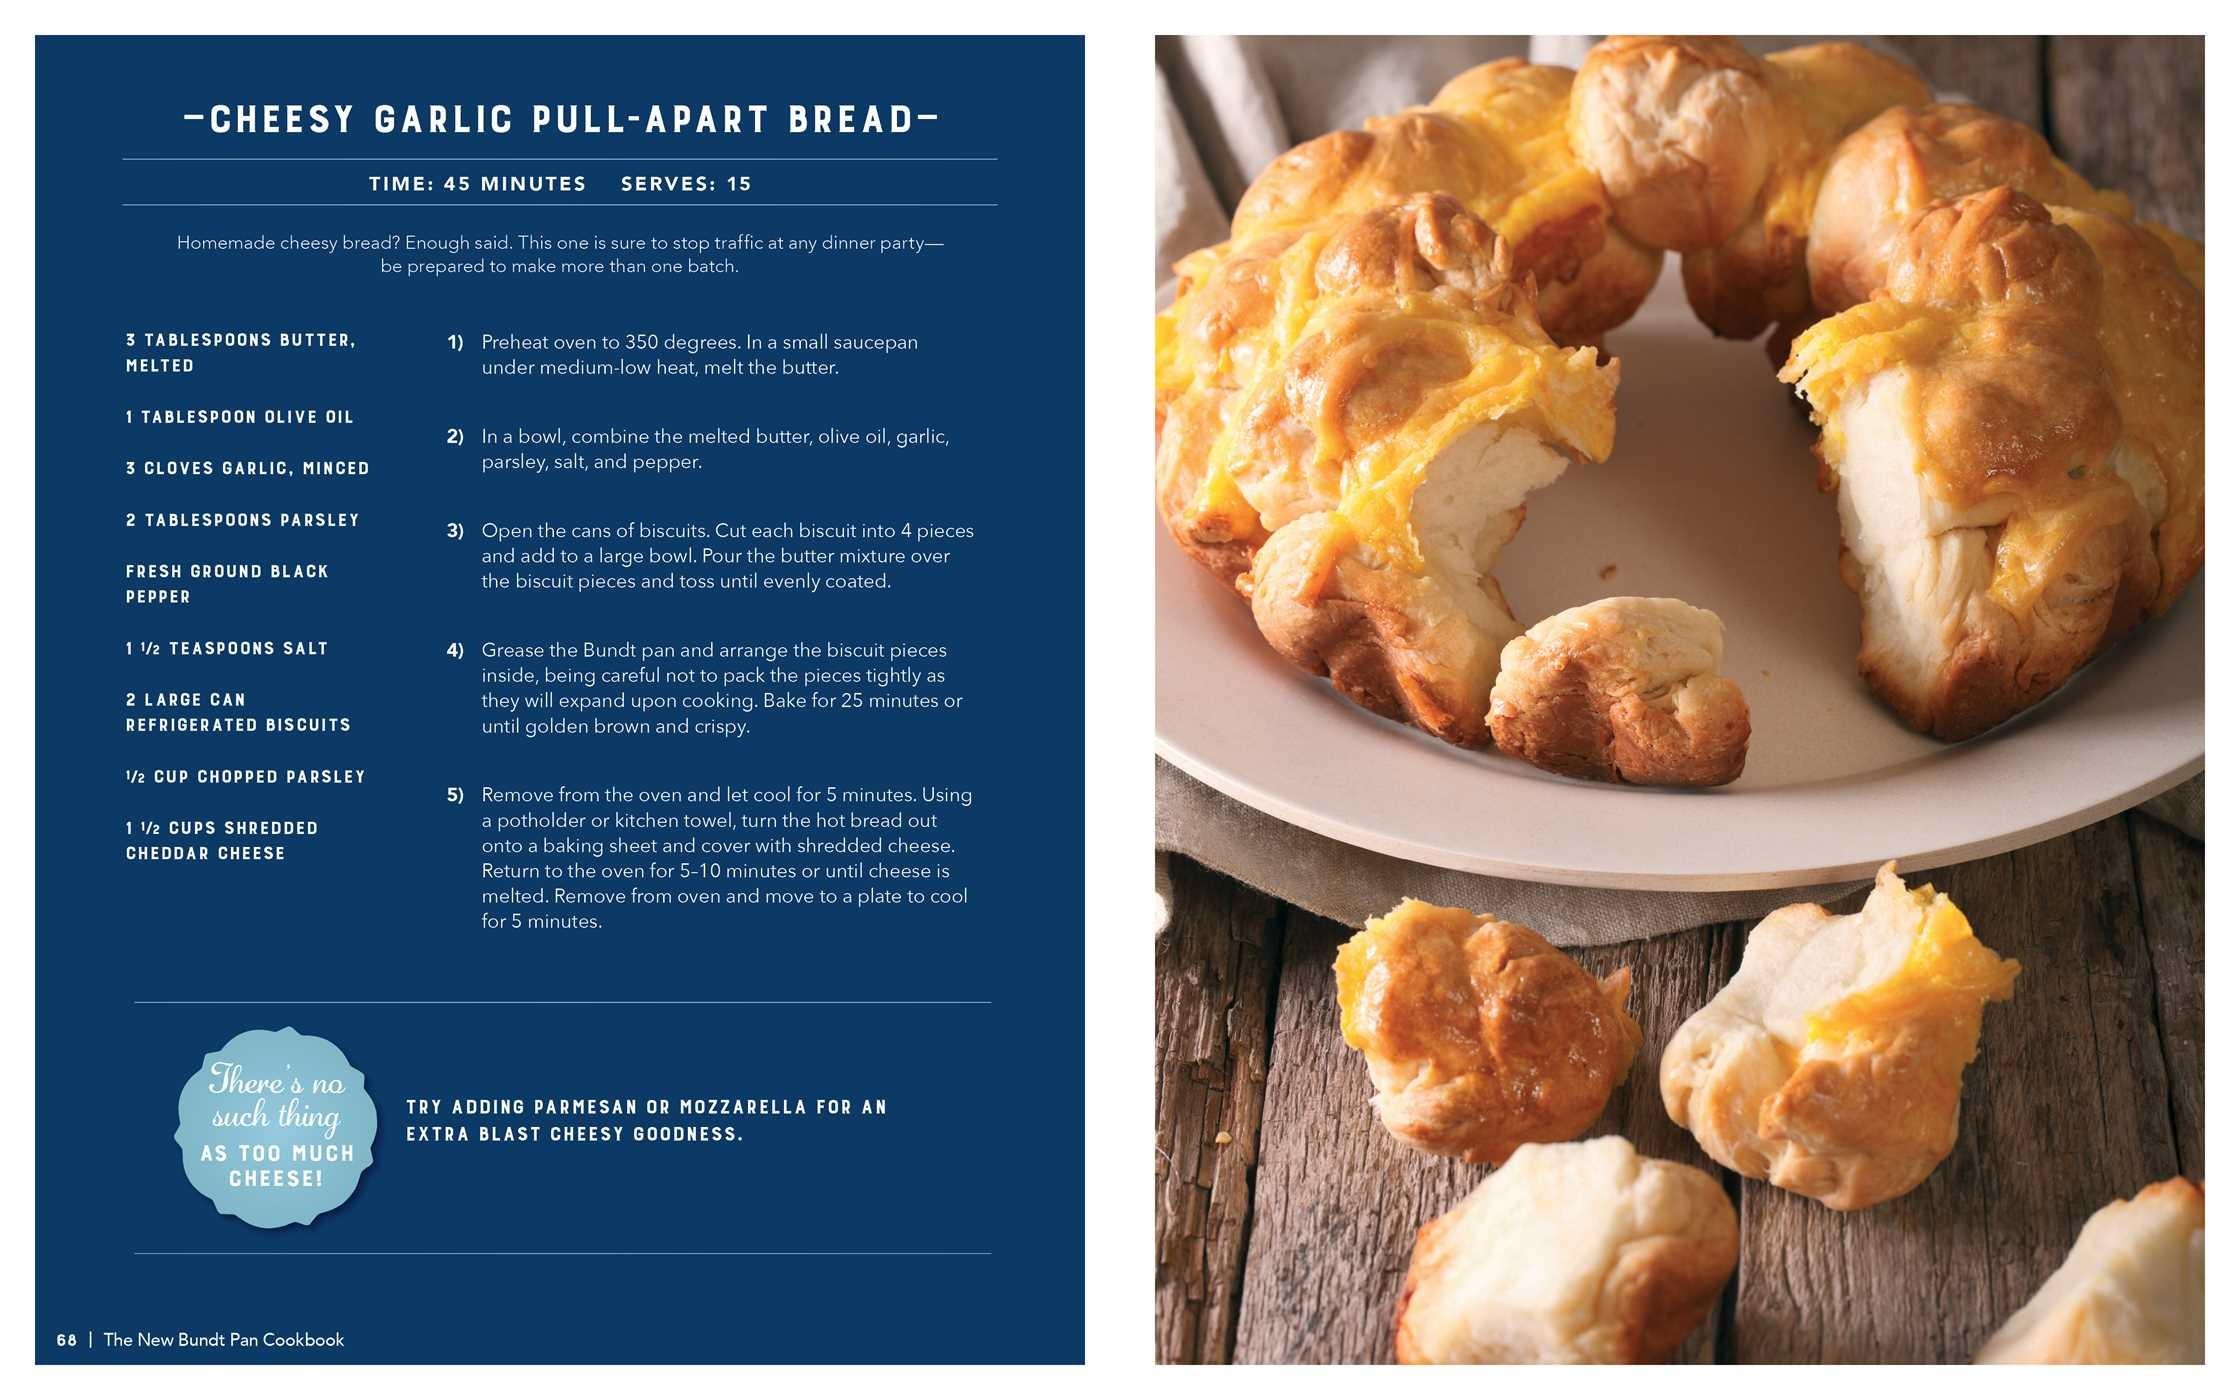 The new bundt pan cookbook 9781604337402.in03